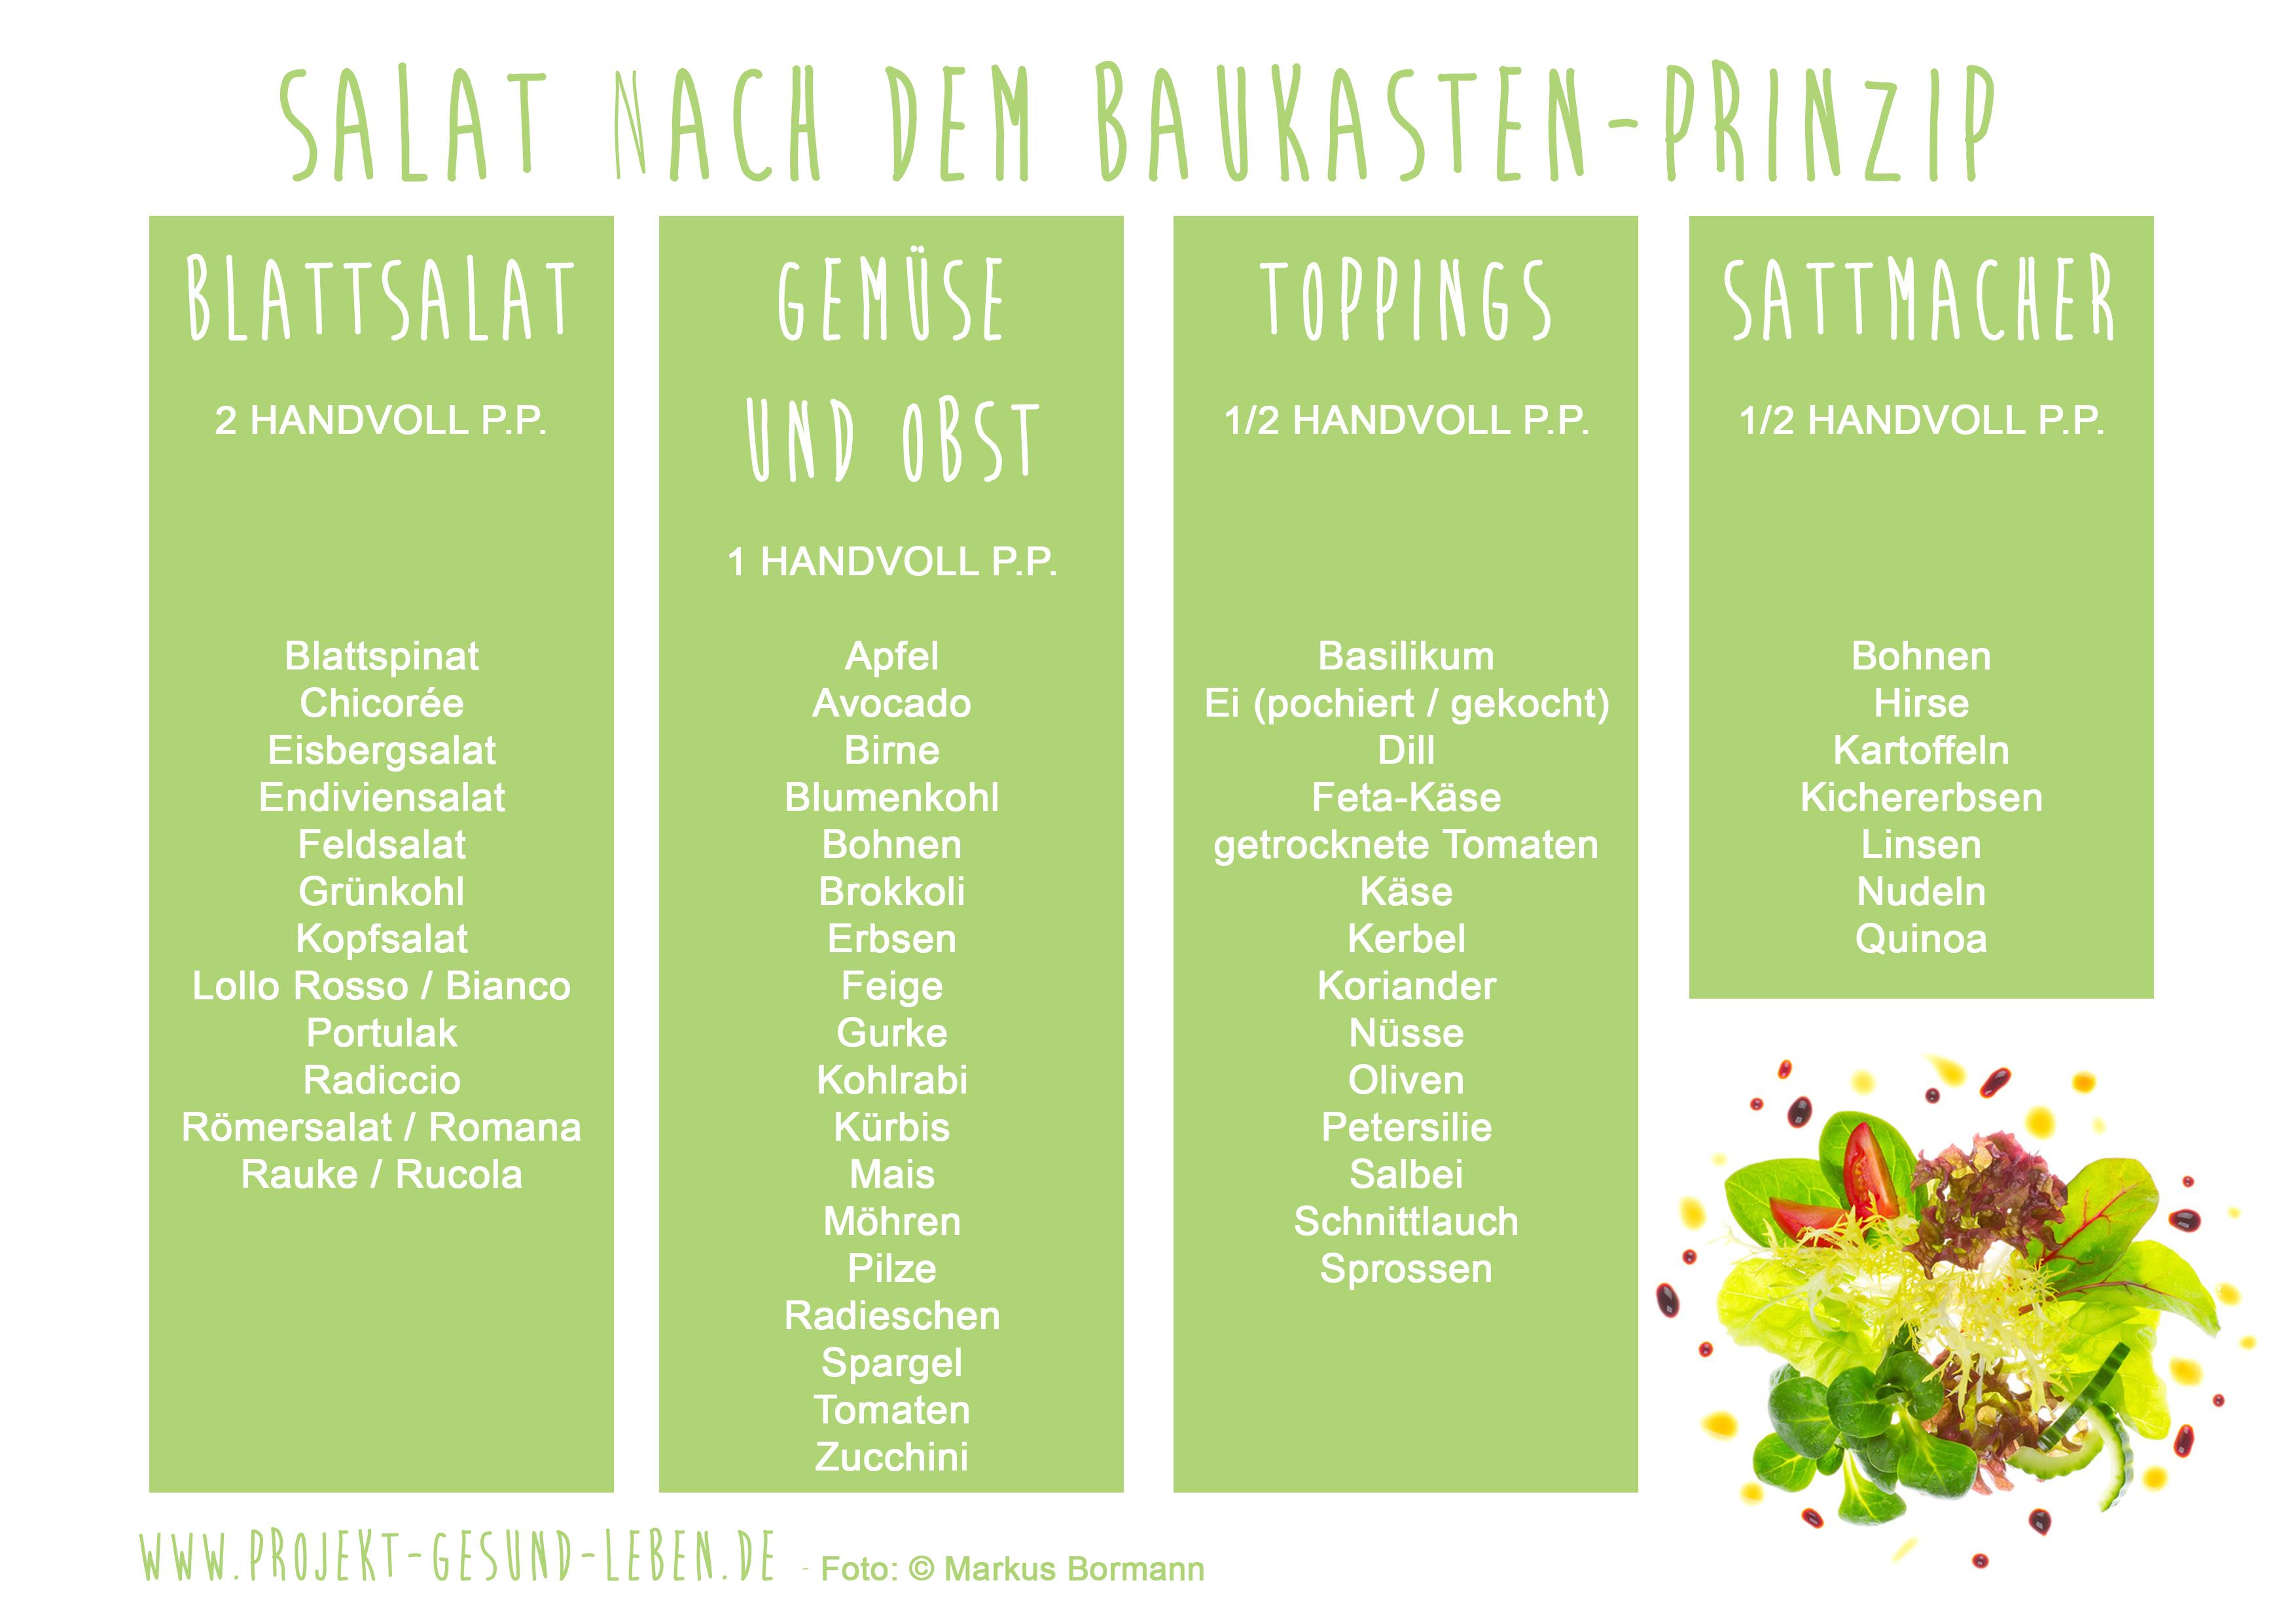 Salat nach dem Baukasten-Prinzip